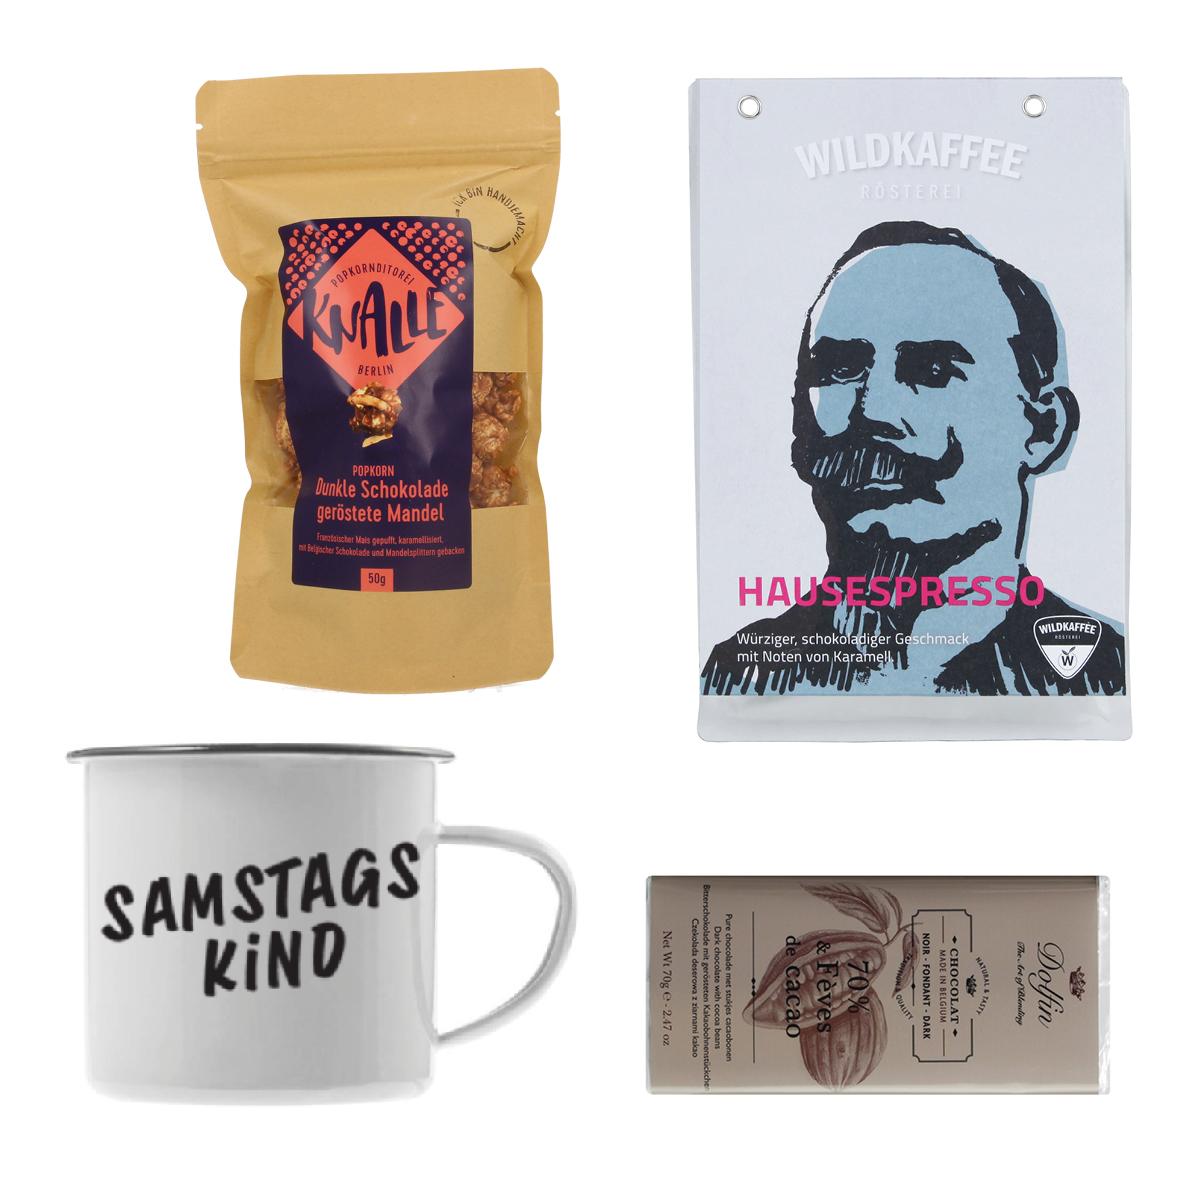 Samstagskinder, Geschenke, Essen, Café, Dachau